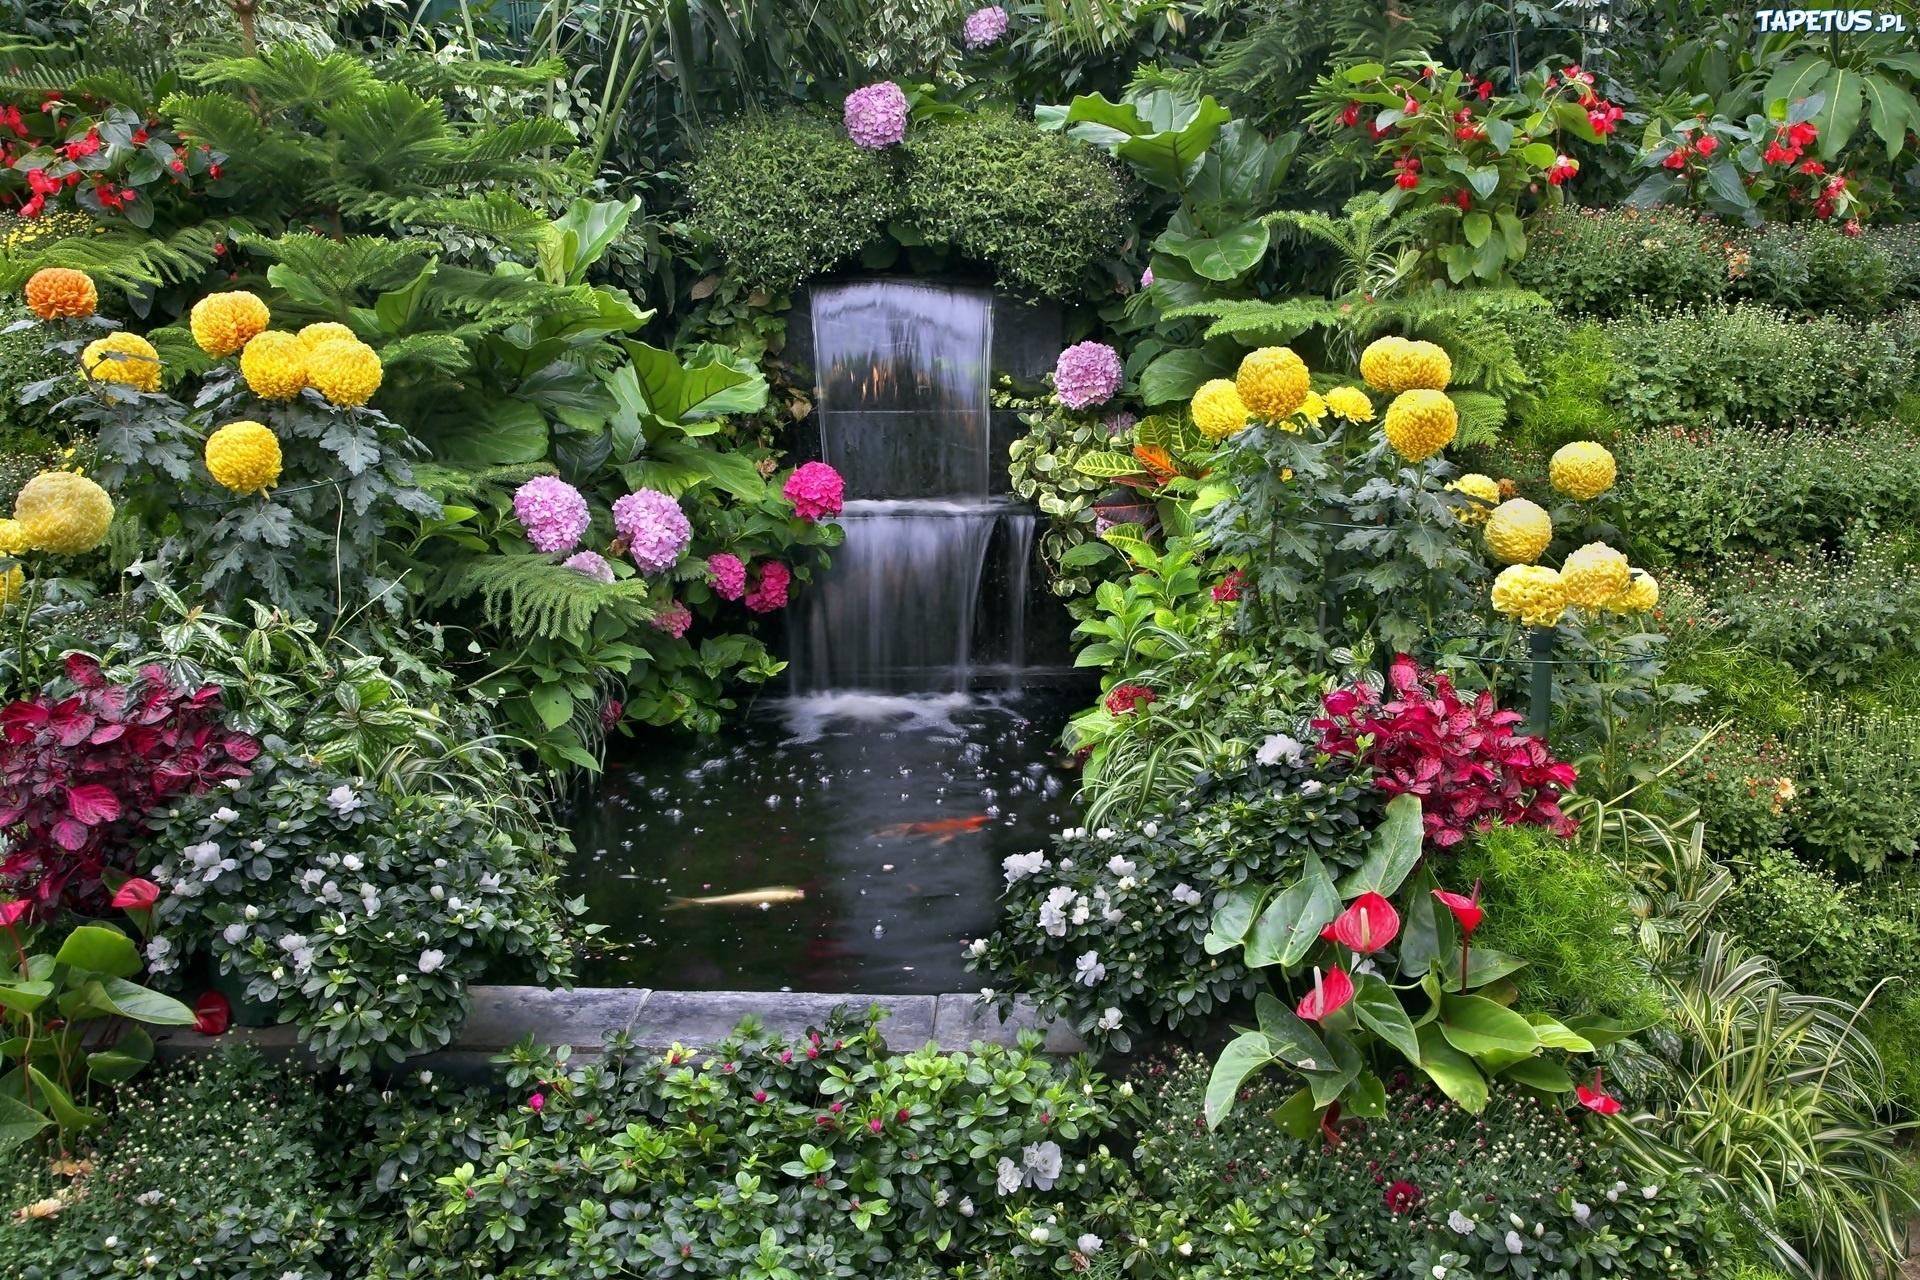 194662_ogrod-kwiatowy-fontanna-oczko-wodne-karpie-koi.jpg